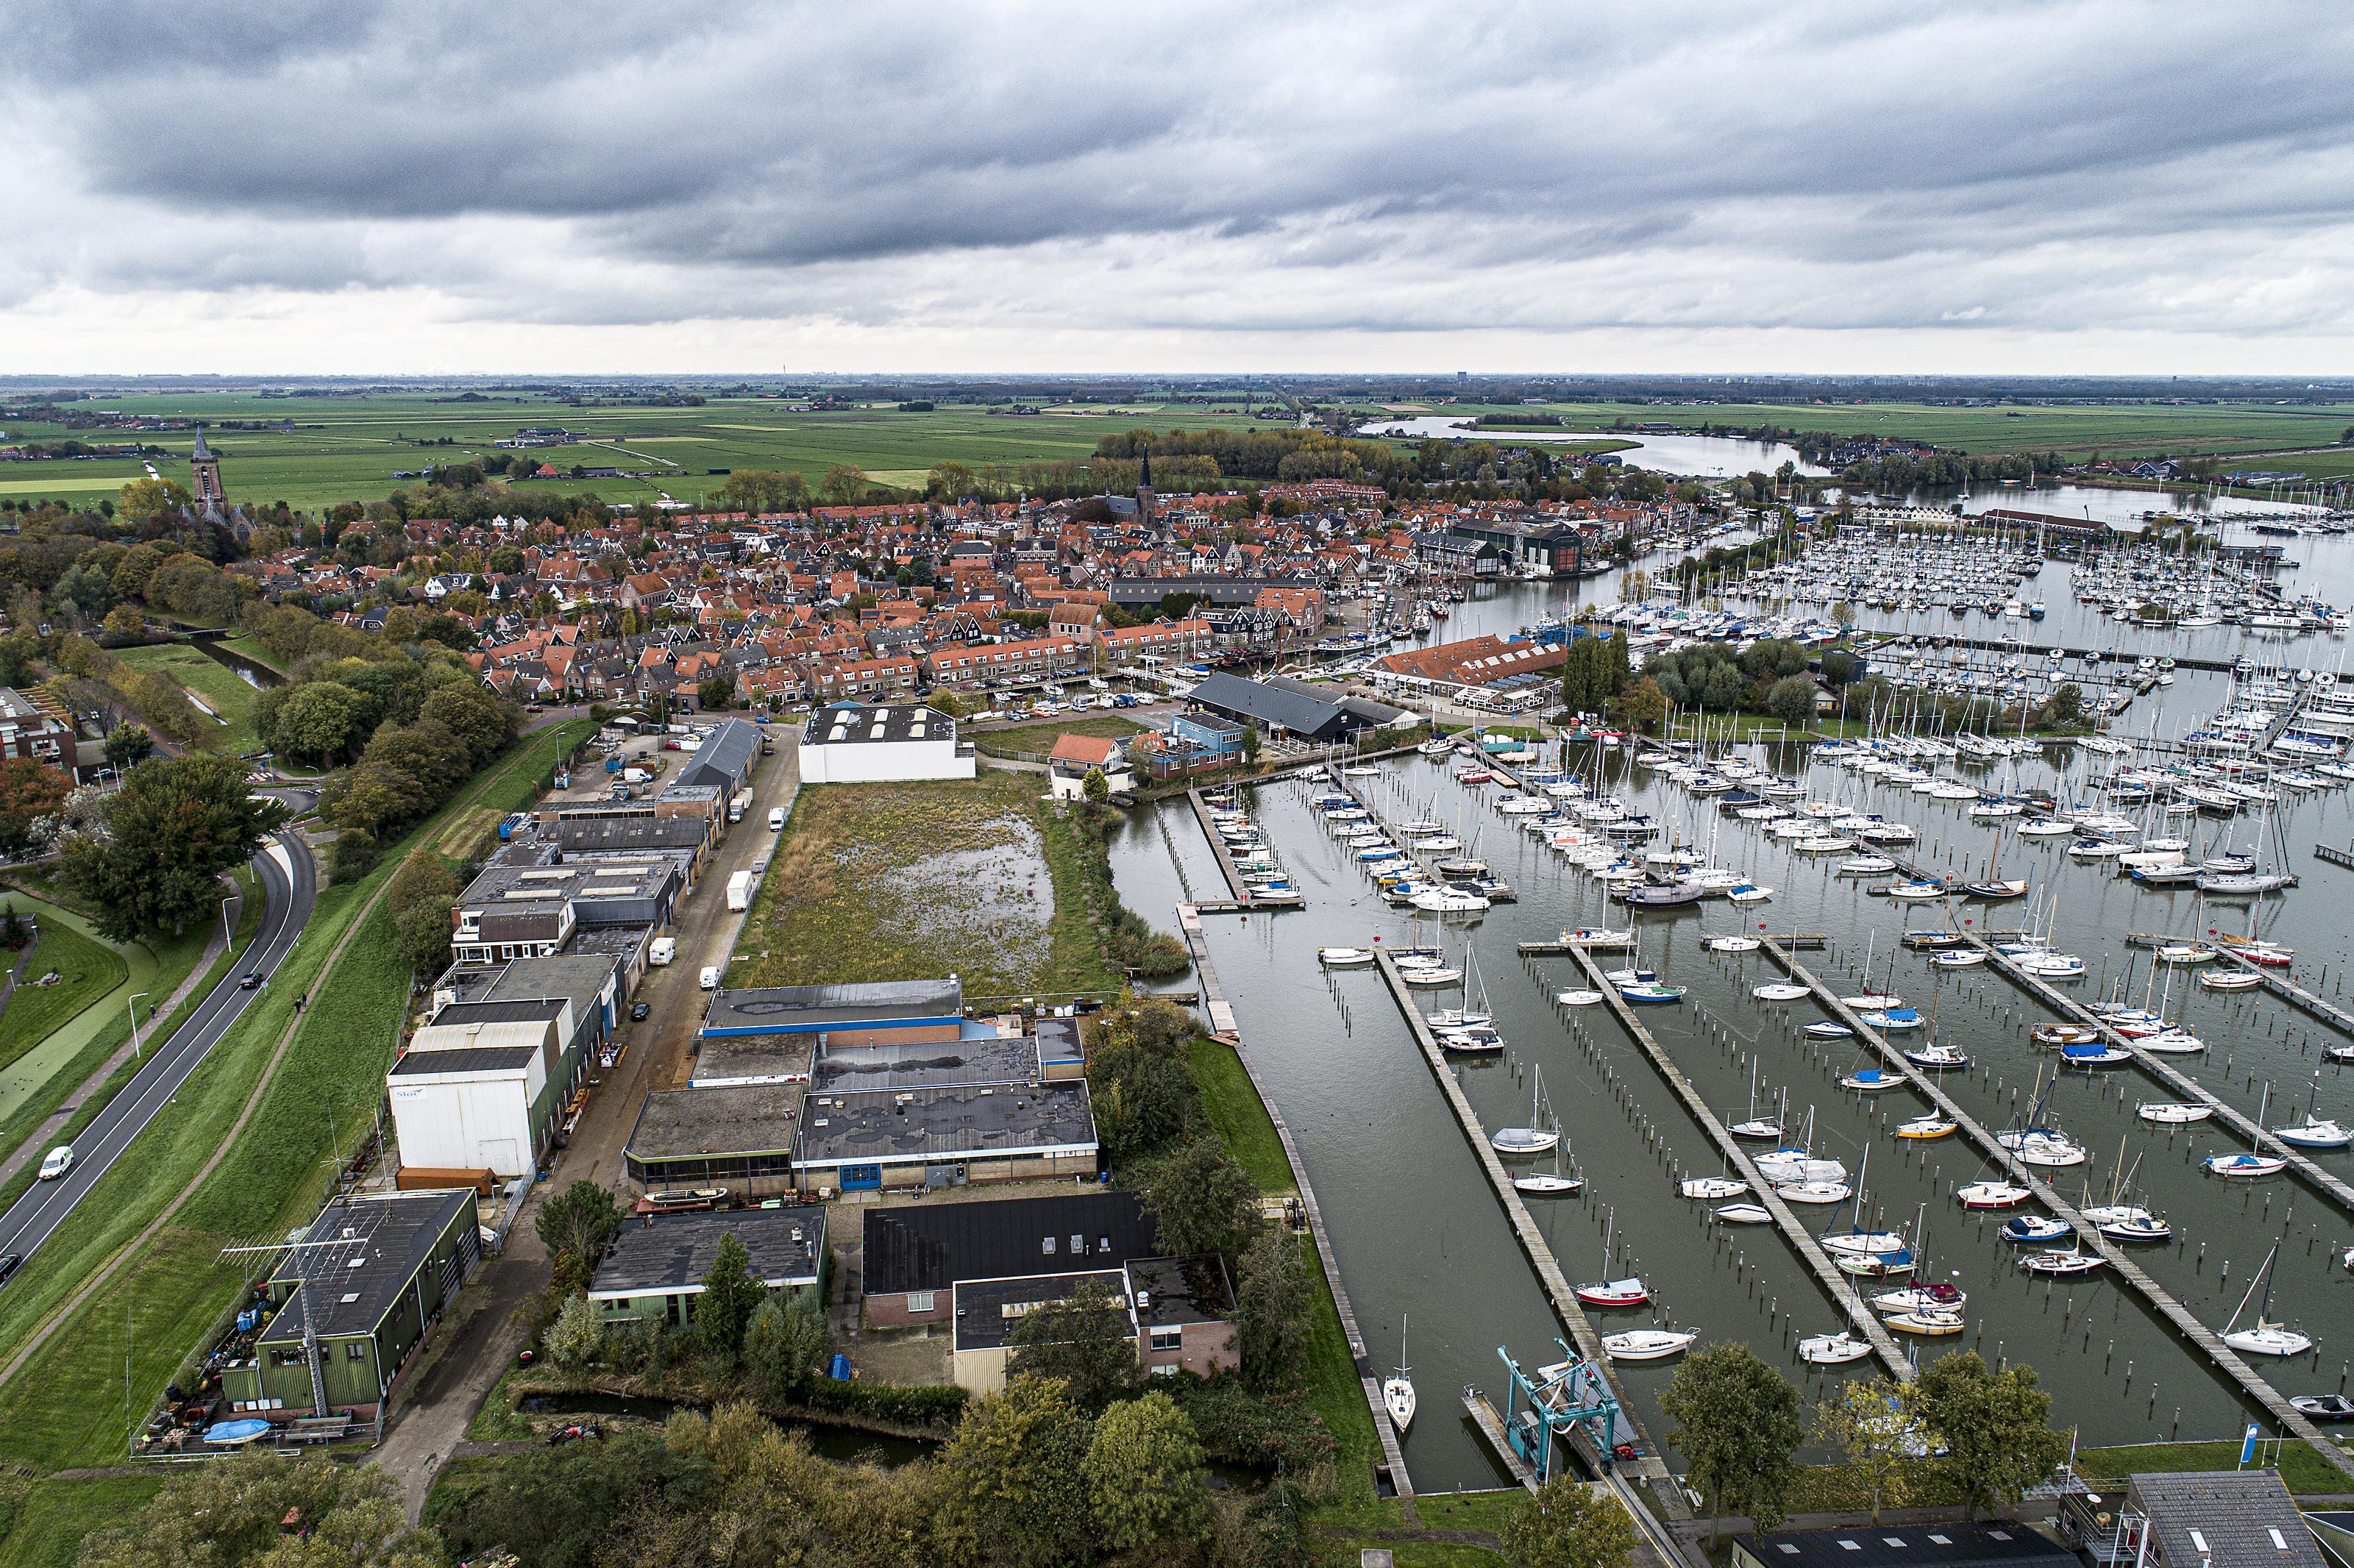 Warmte halen uit de Gouwzee voor woningen: het wijk Galgeriet in Monnickendam zit er straks warmpjes bij